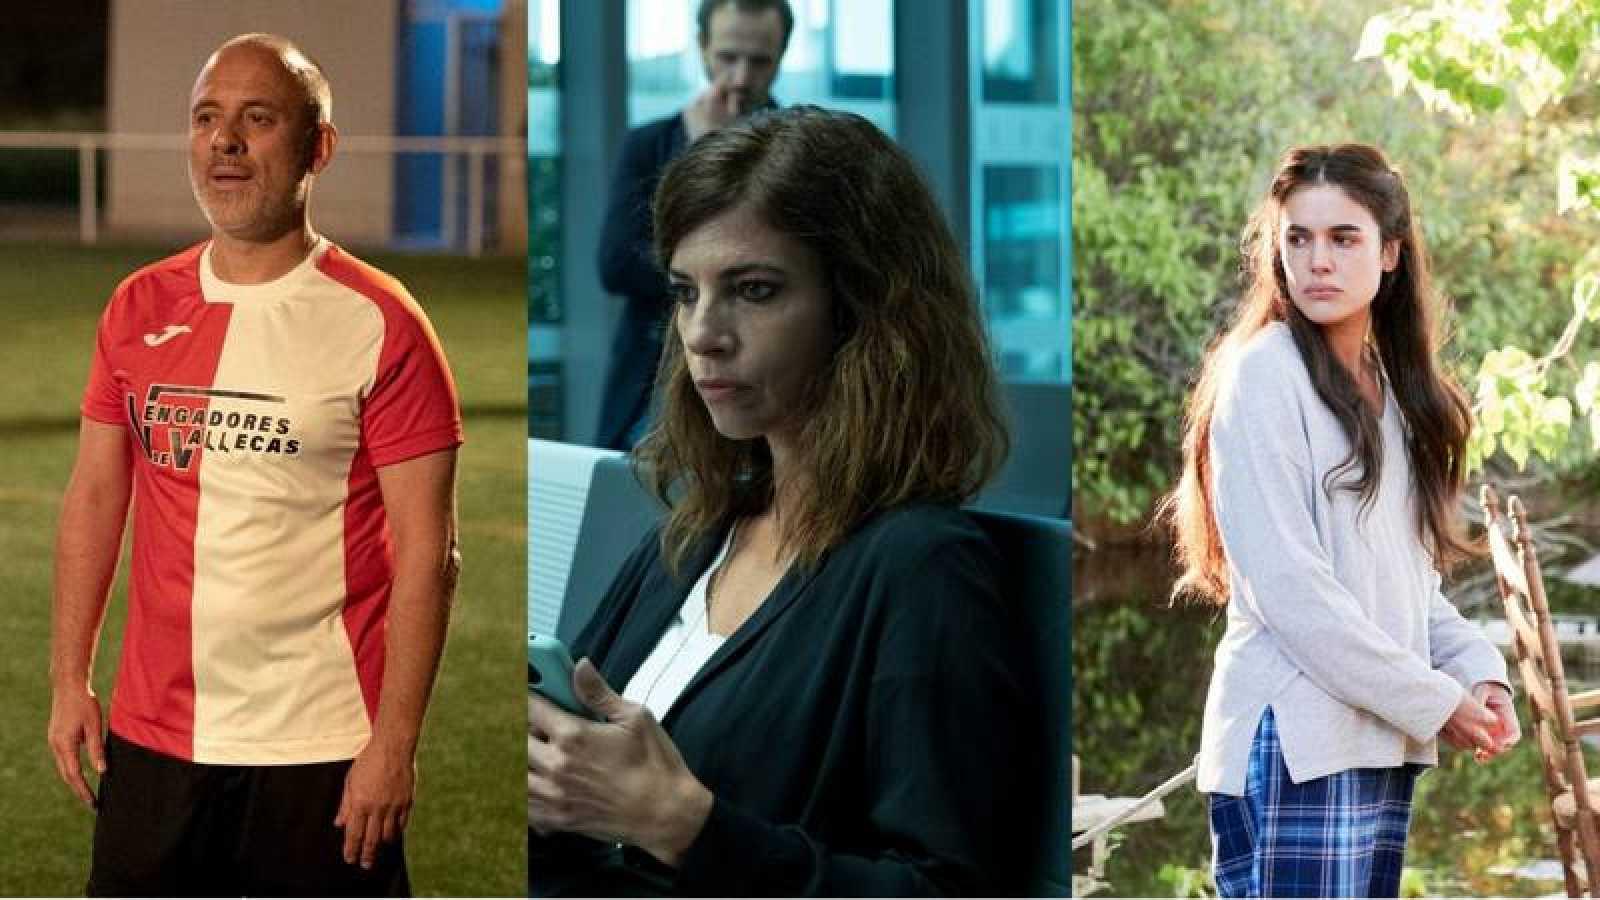 Javier Gutiérrez en 'Estoy vivo'; Maribel Verdú en 'Ana Tramel'; y Adriana Ugarte en 'Parot'